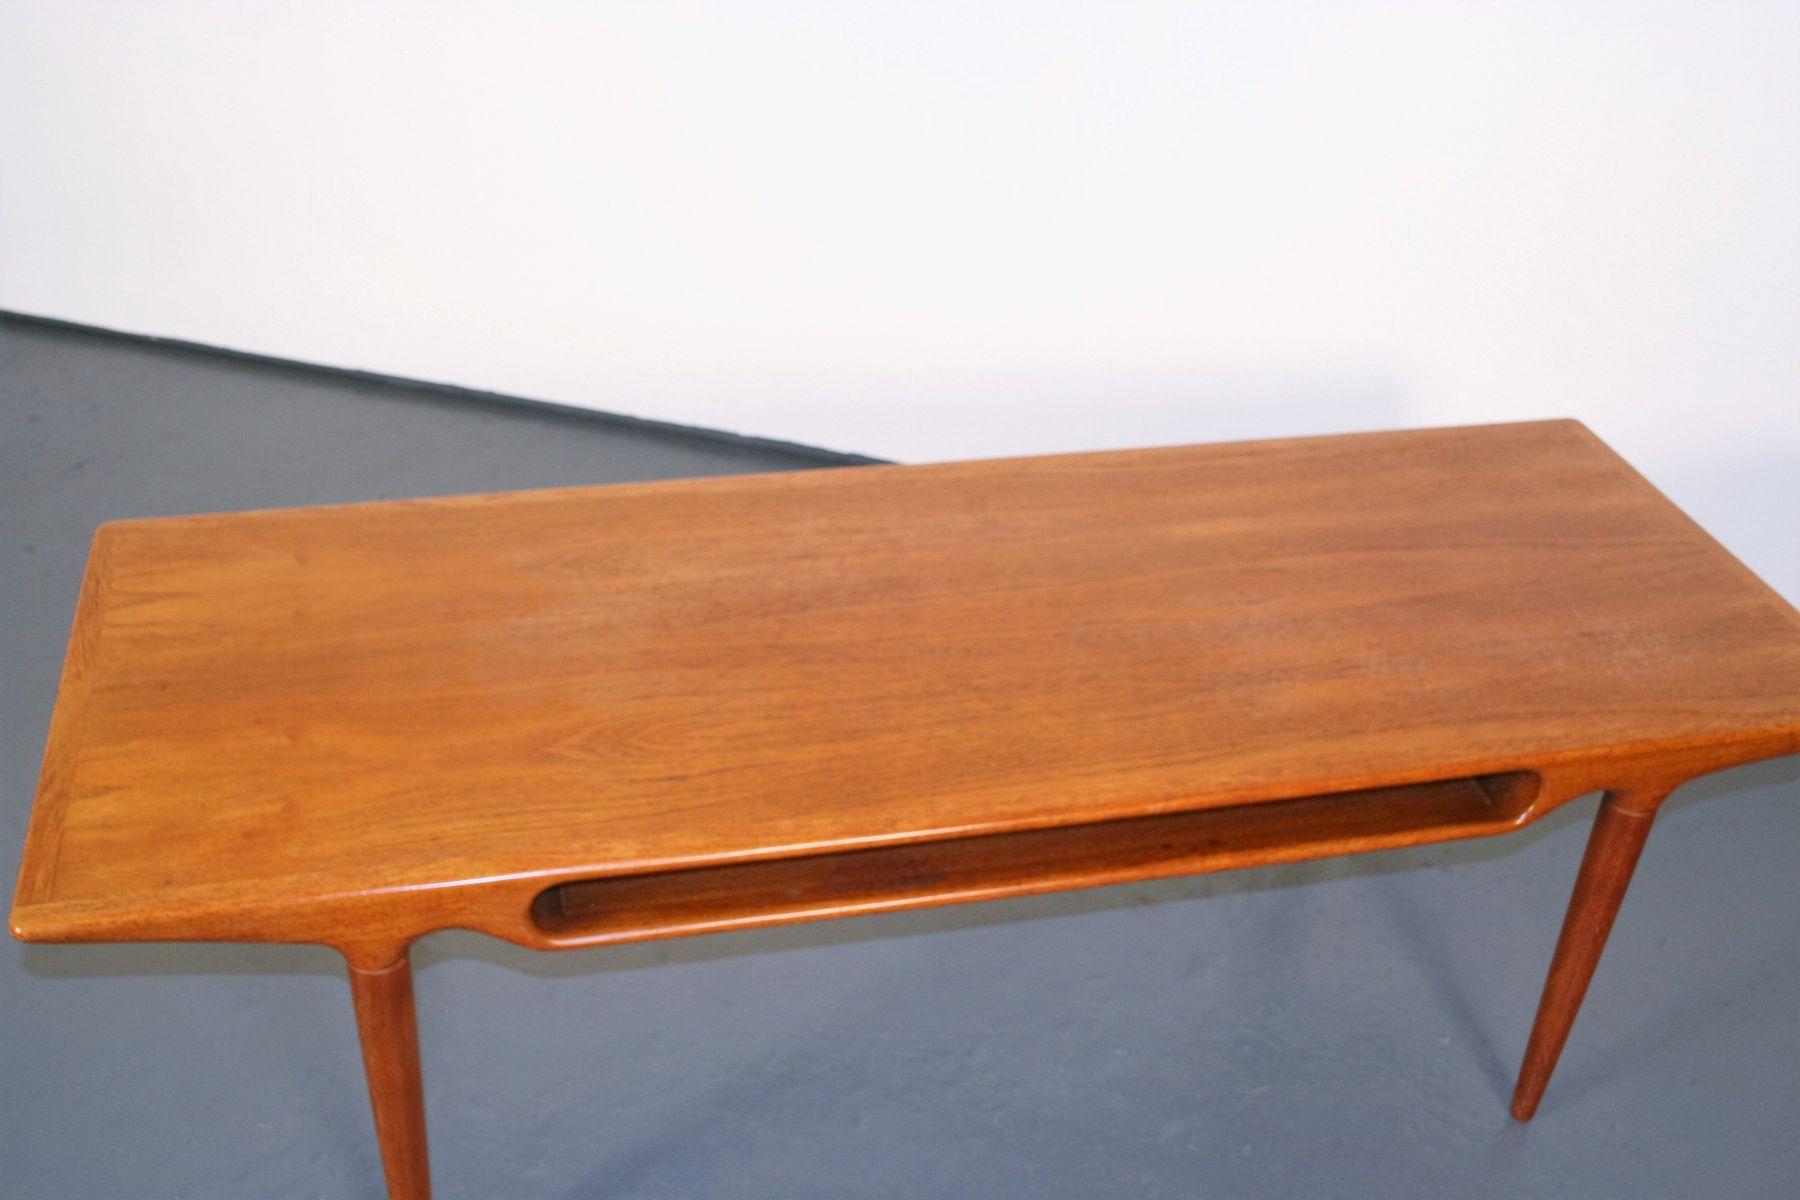 table-basse-en-teck-par-johannes-andersen-pour-c-f-c-silkeborg-5 Incroyable De Table Basse Gigogne Vintage Des Idées